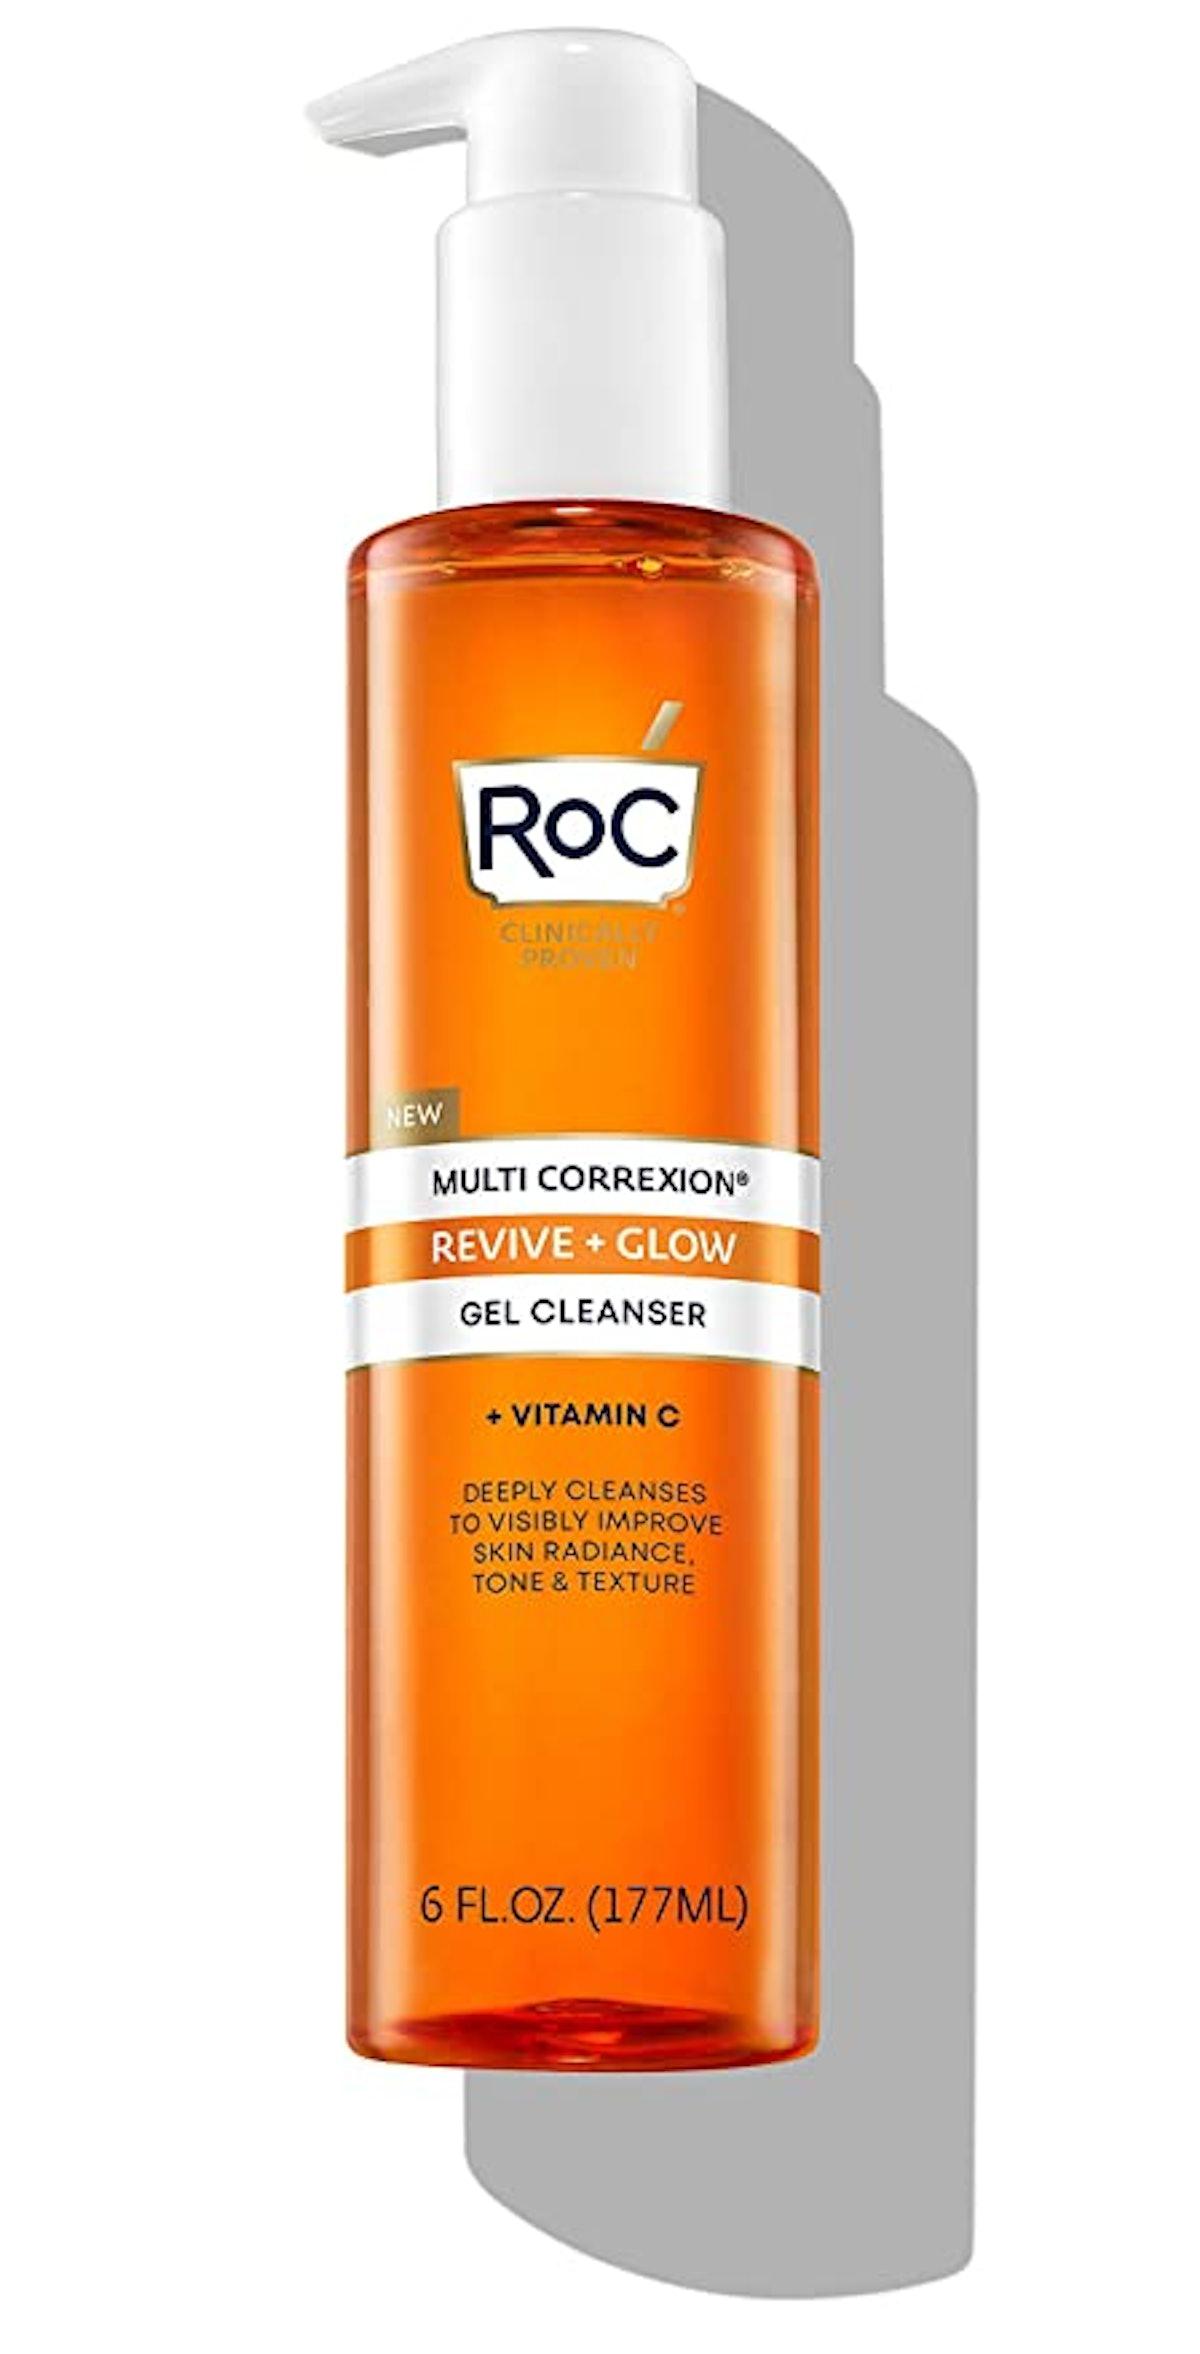 RoC Multi Correxion Revive + Glow Gel Cleanser